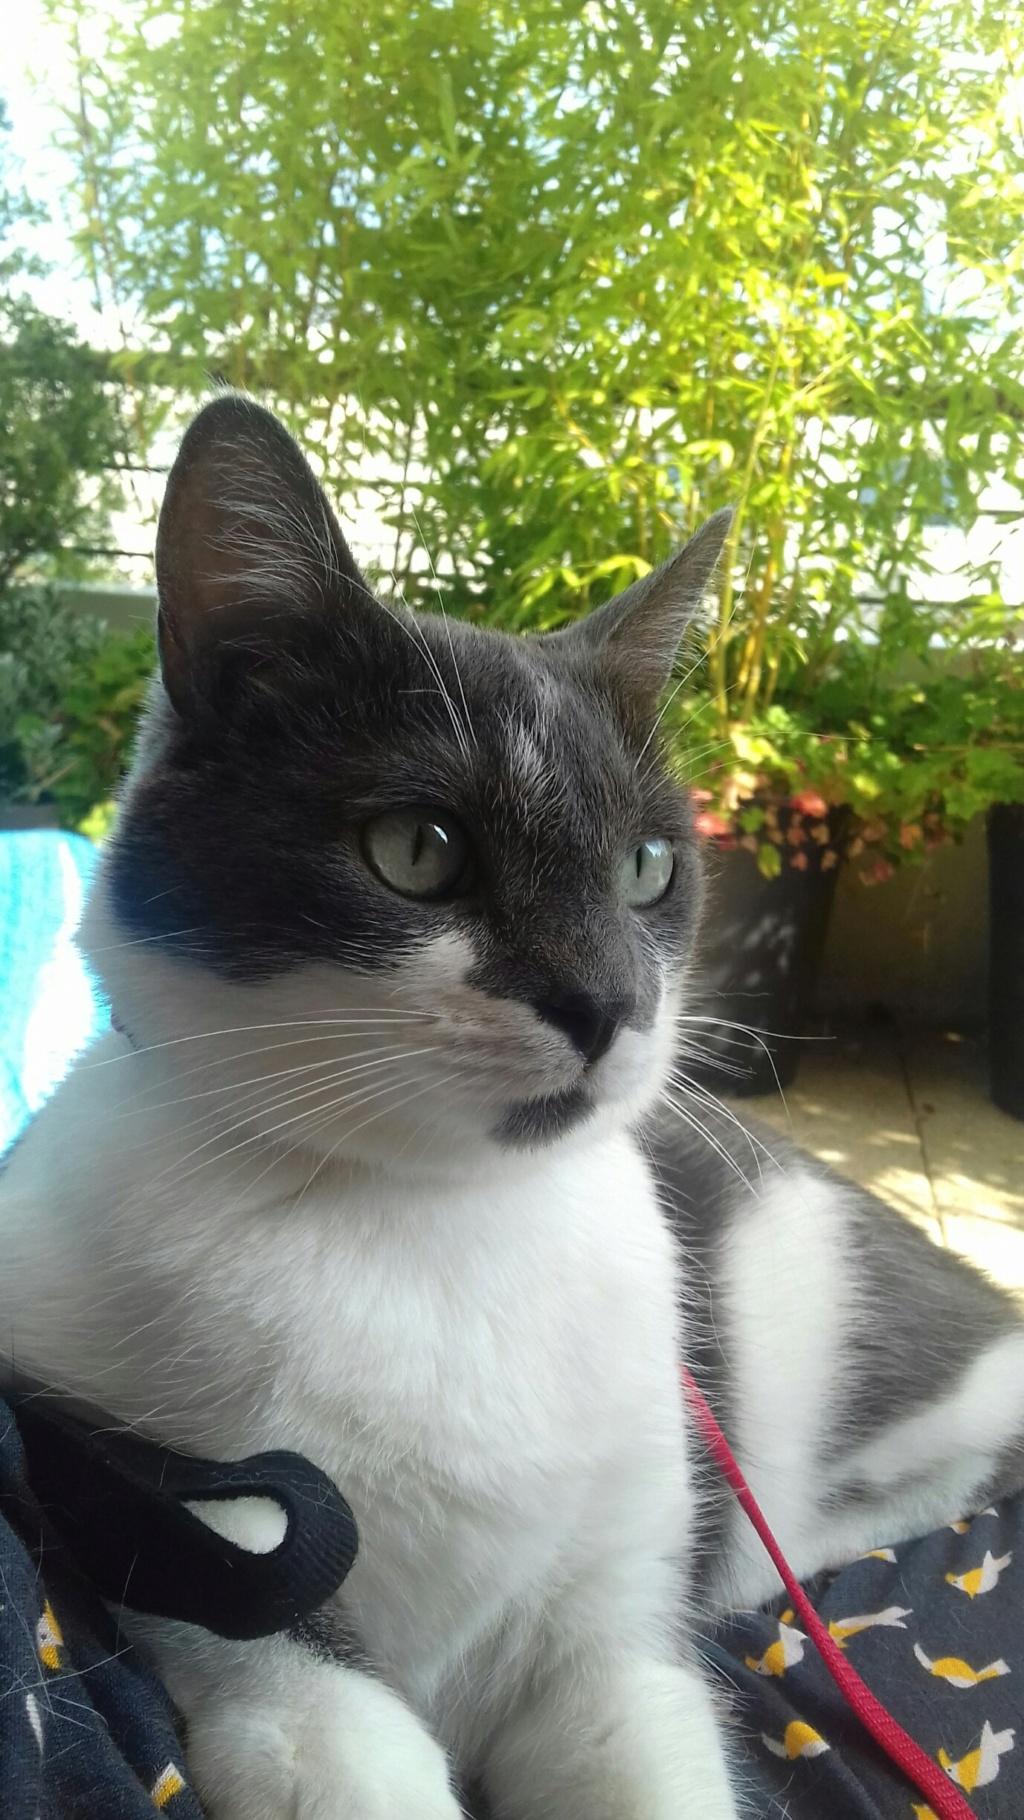 manon - MANON, jeune chatte européenne, Grise&blanche, née en mai 2016. 20180715